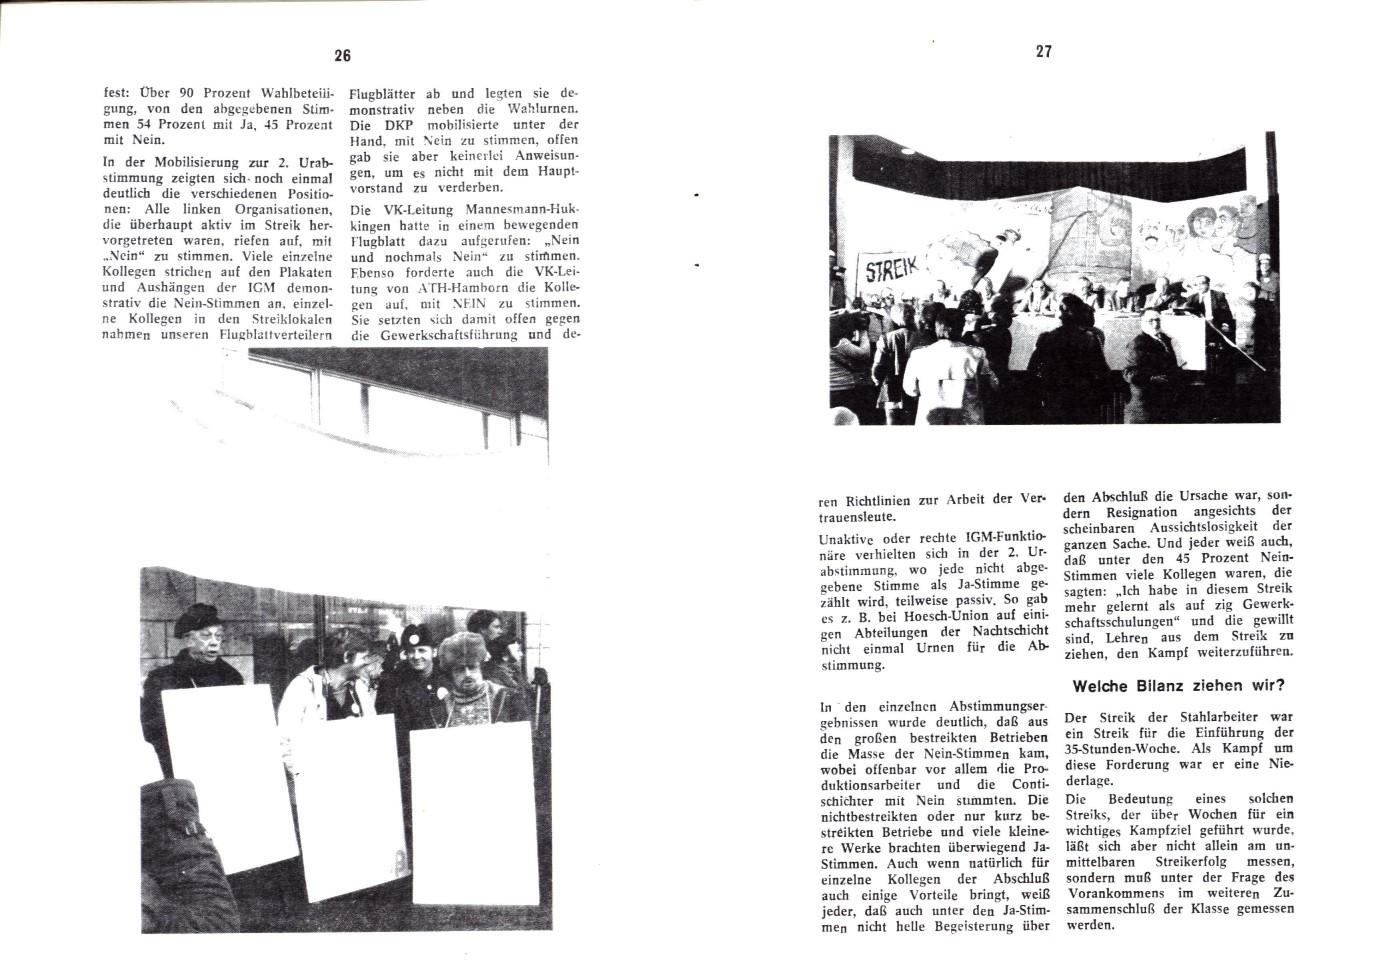 KPDAO_1979_Streik_in_der_Stahlindustrie_15